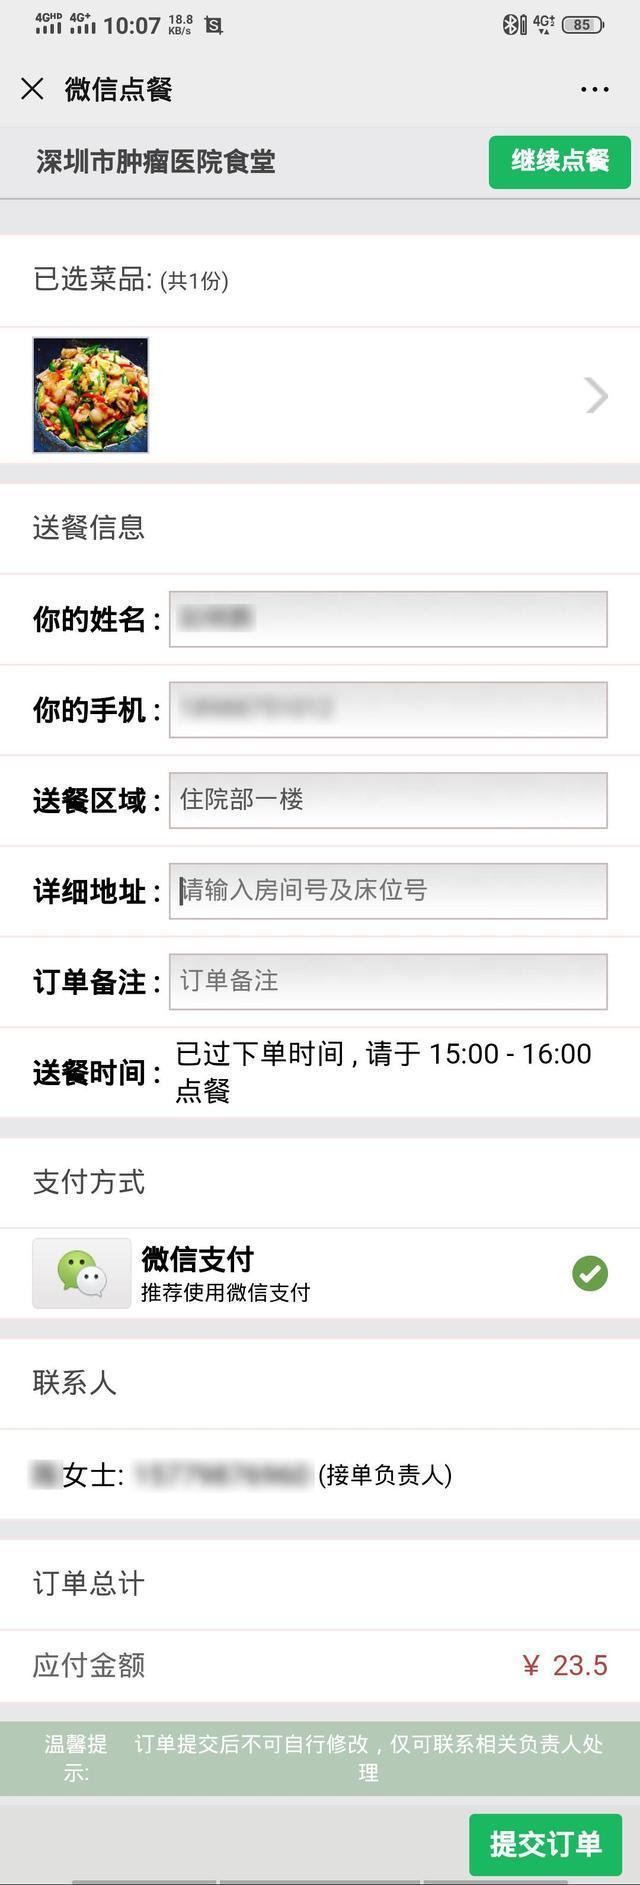 医院食堂无接触微信点餐项目正式上线